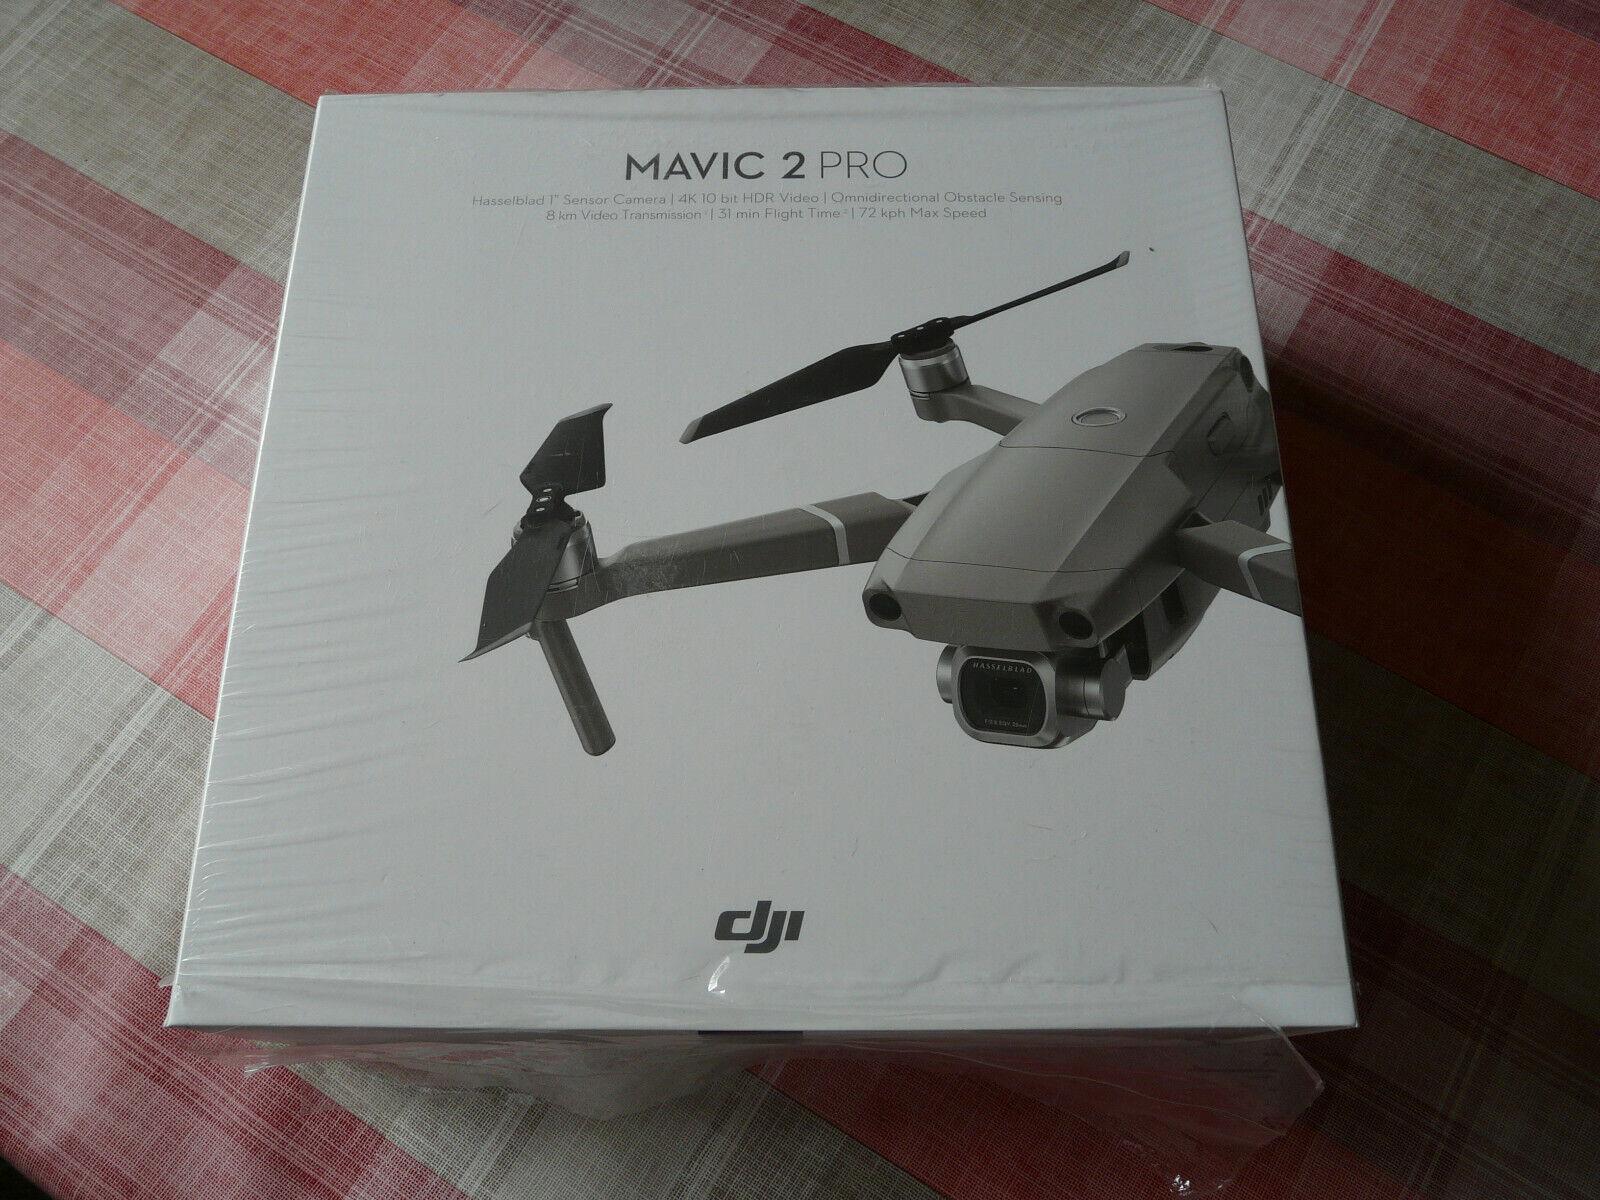 DJI Mavic 2 Pro Drohne 5 Monate alt NEUWERTIG inkl. CareRefresh, 128 GB SD-Karte